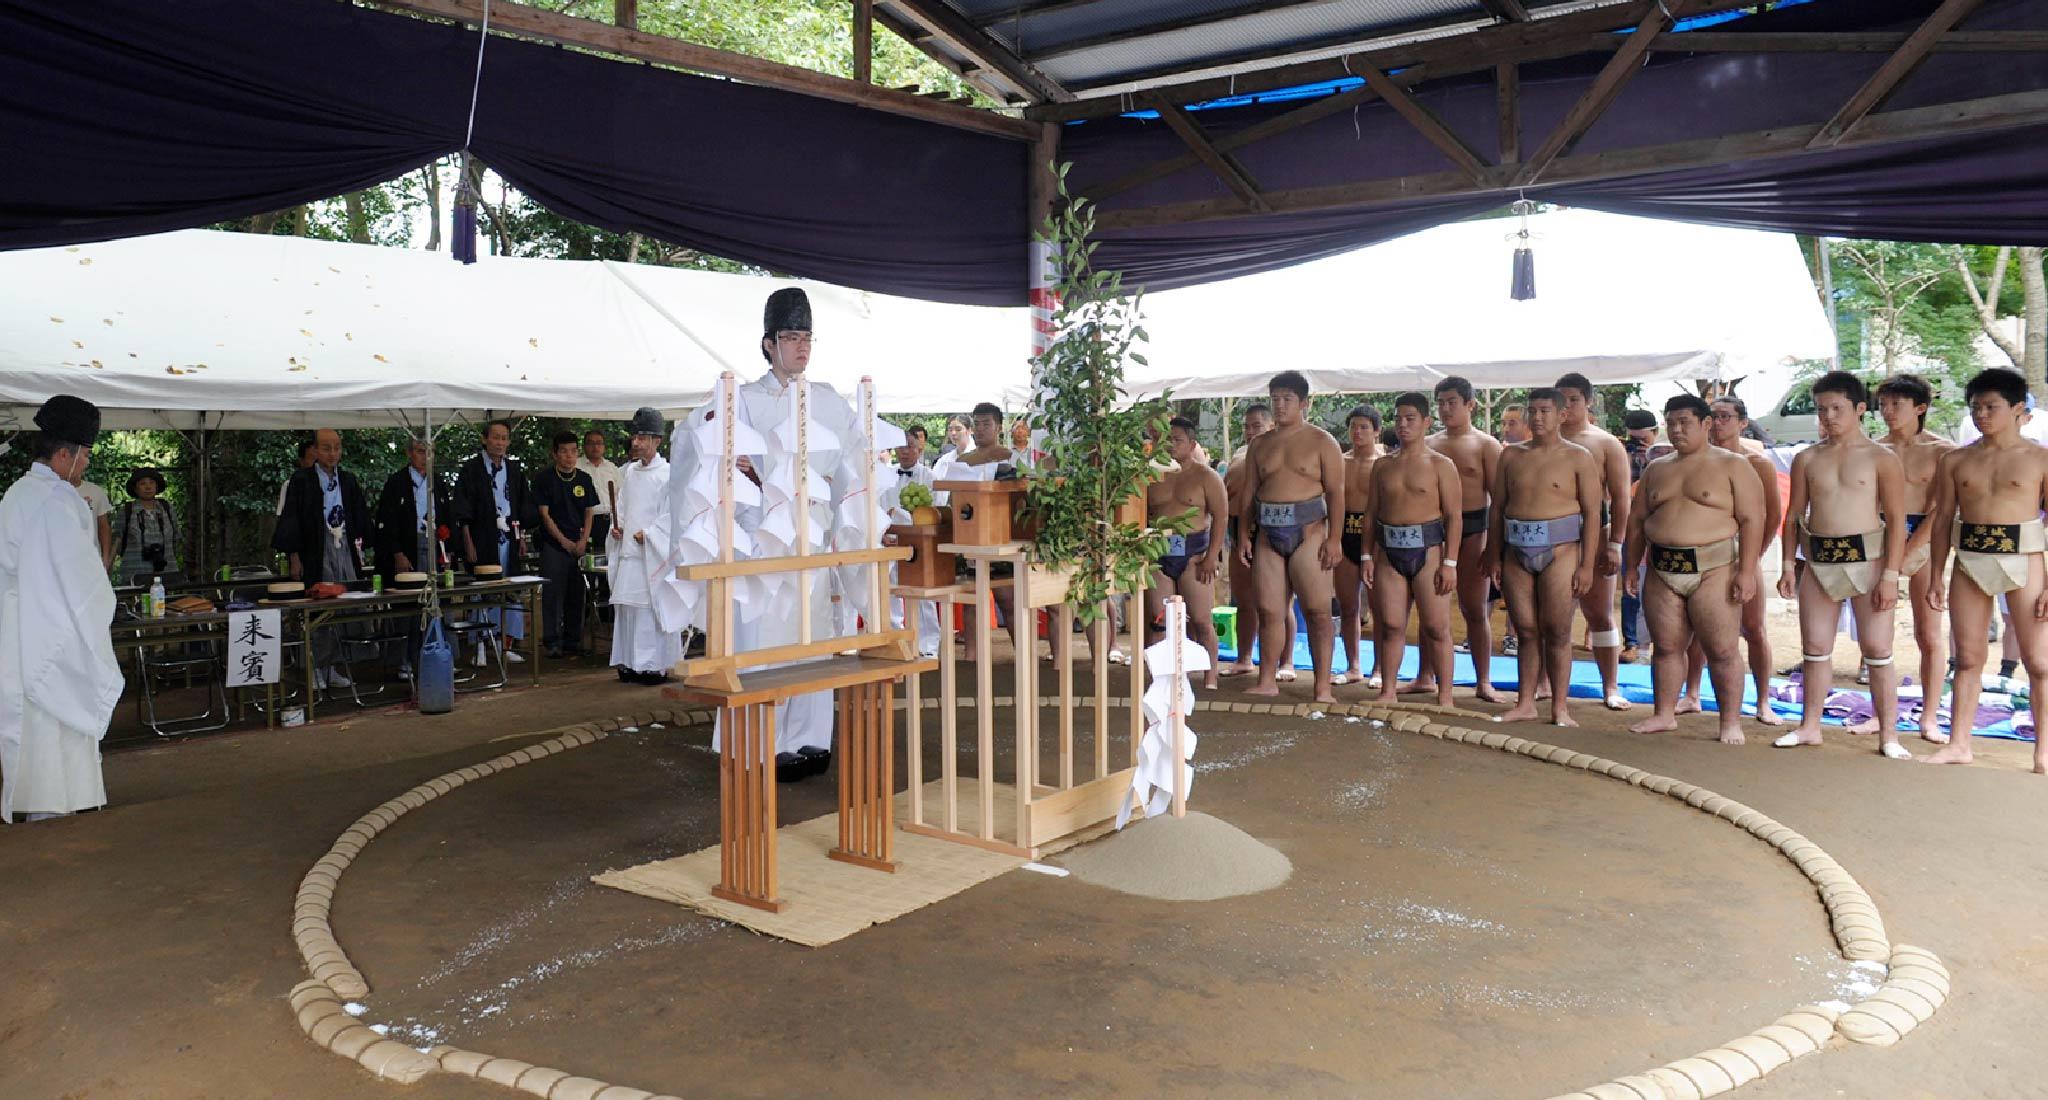 日曜日十時三十分|土俵祭奉納相撲